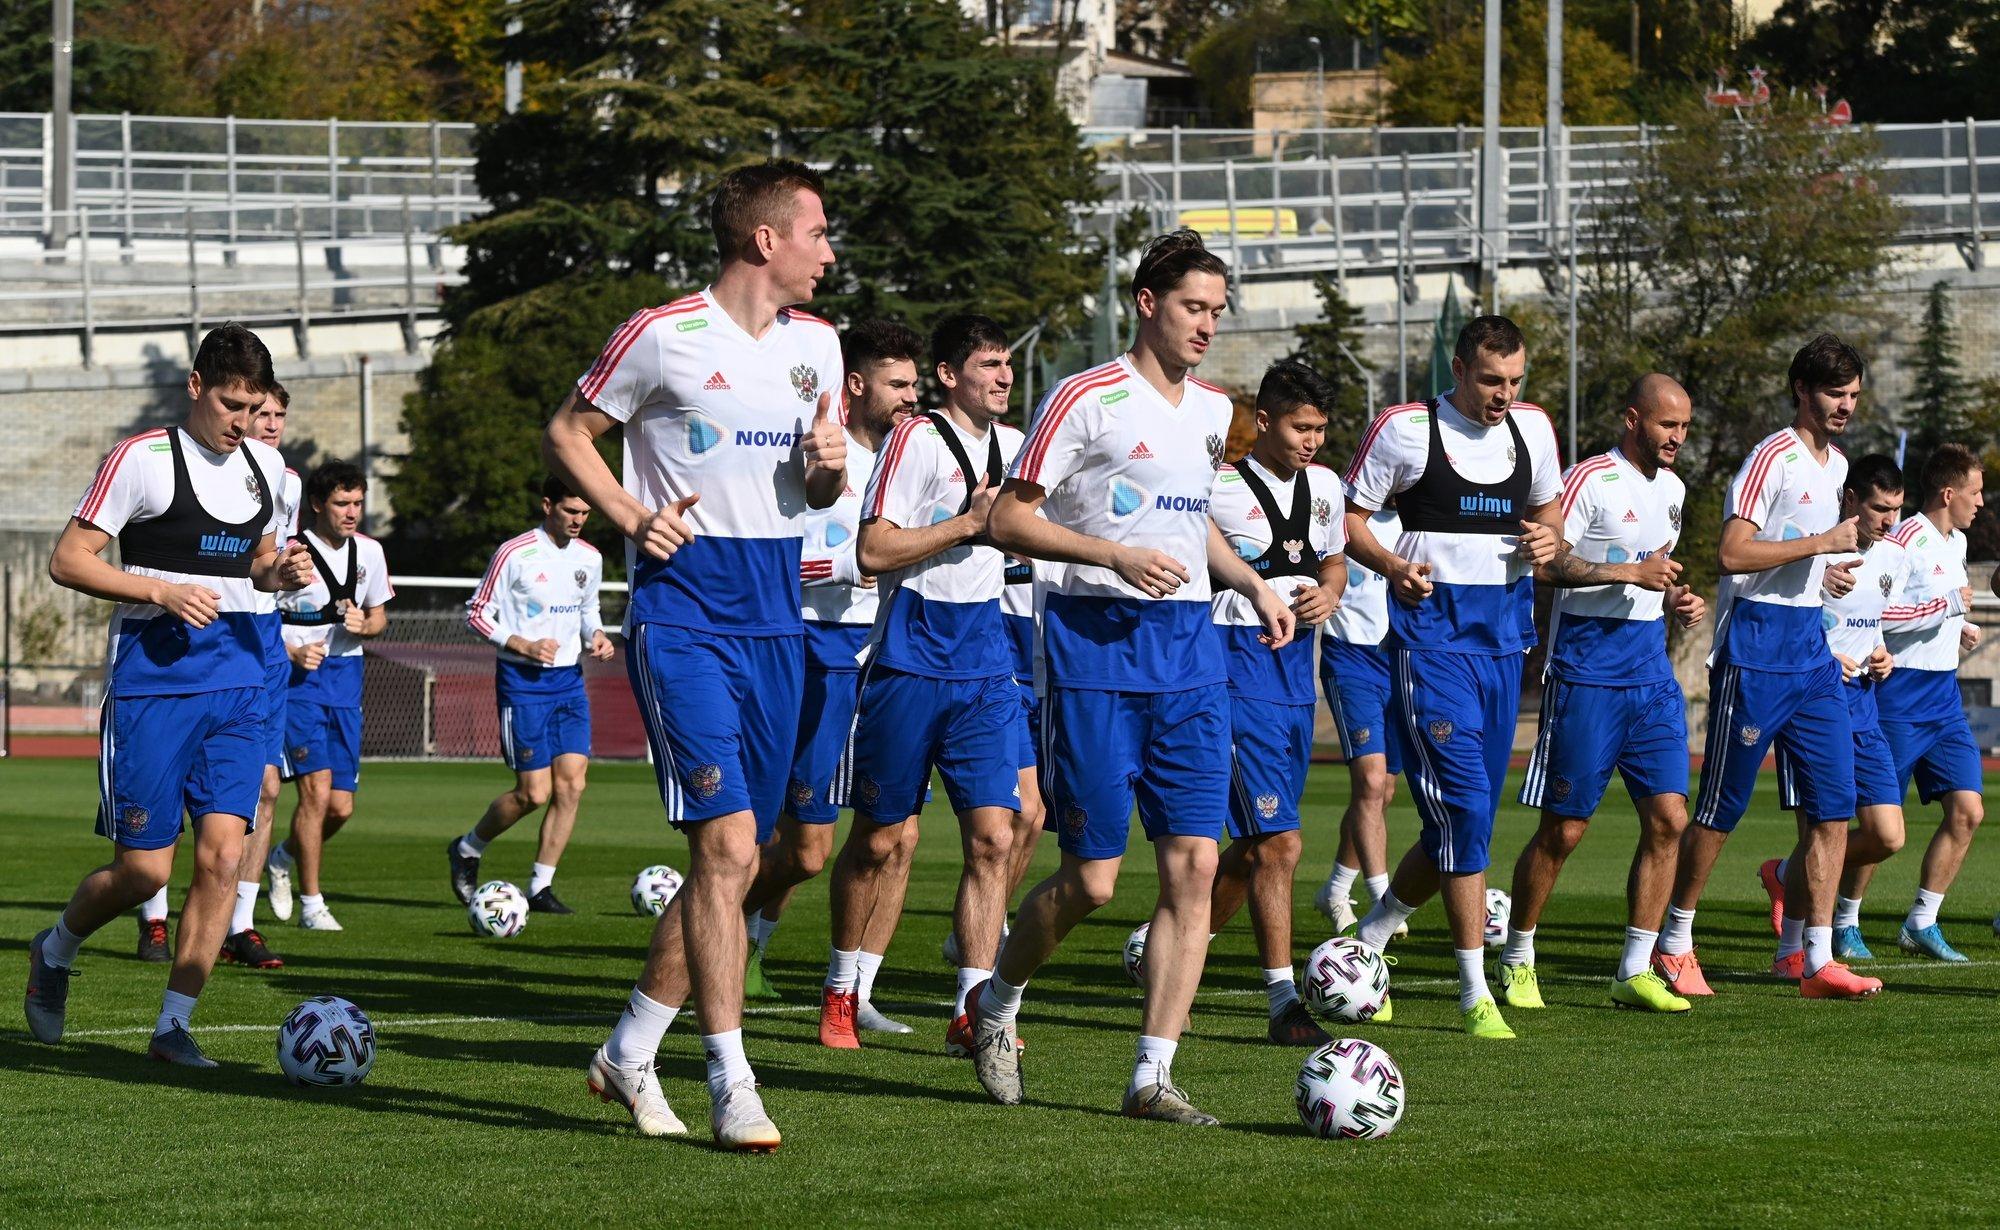 Поставьте оценки игрокам сборной России за матч с Бельгией!